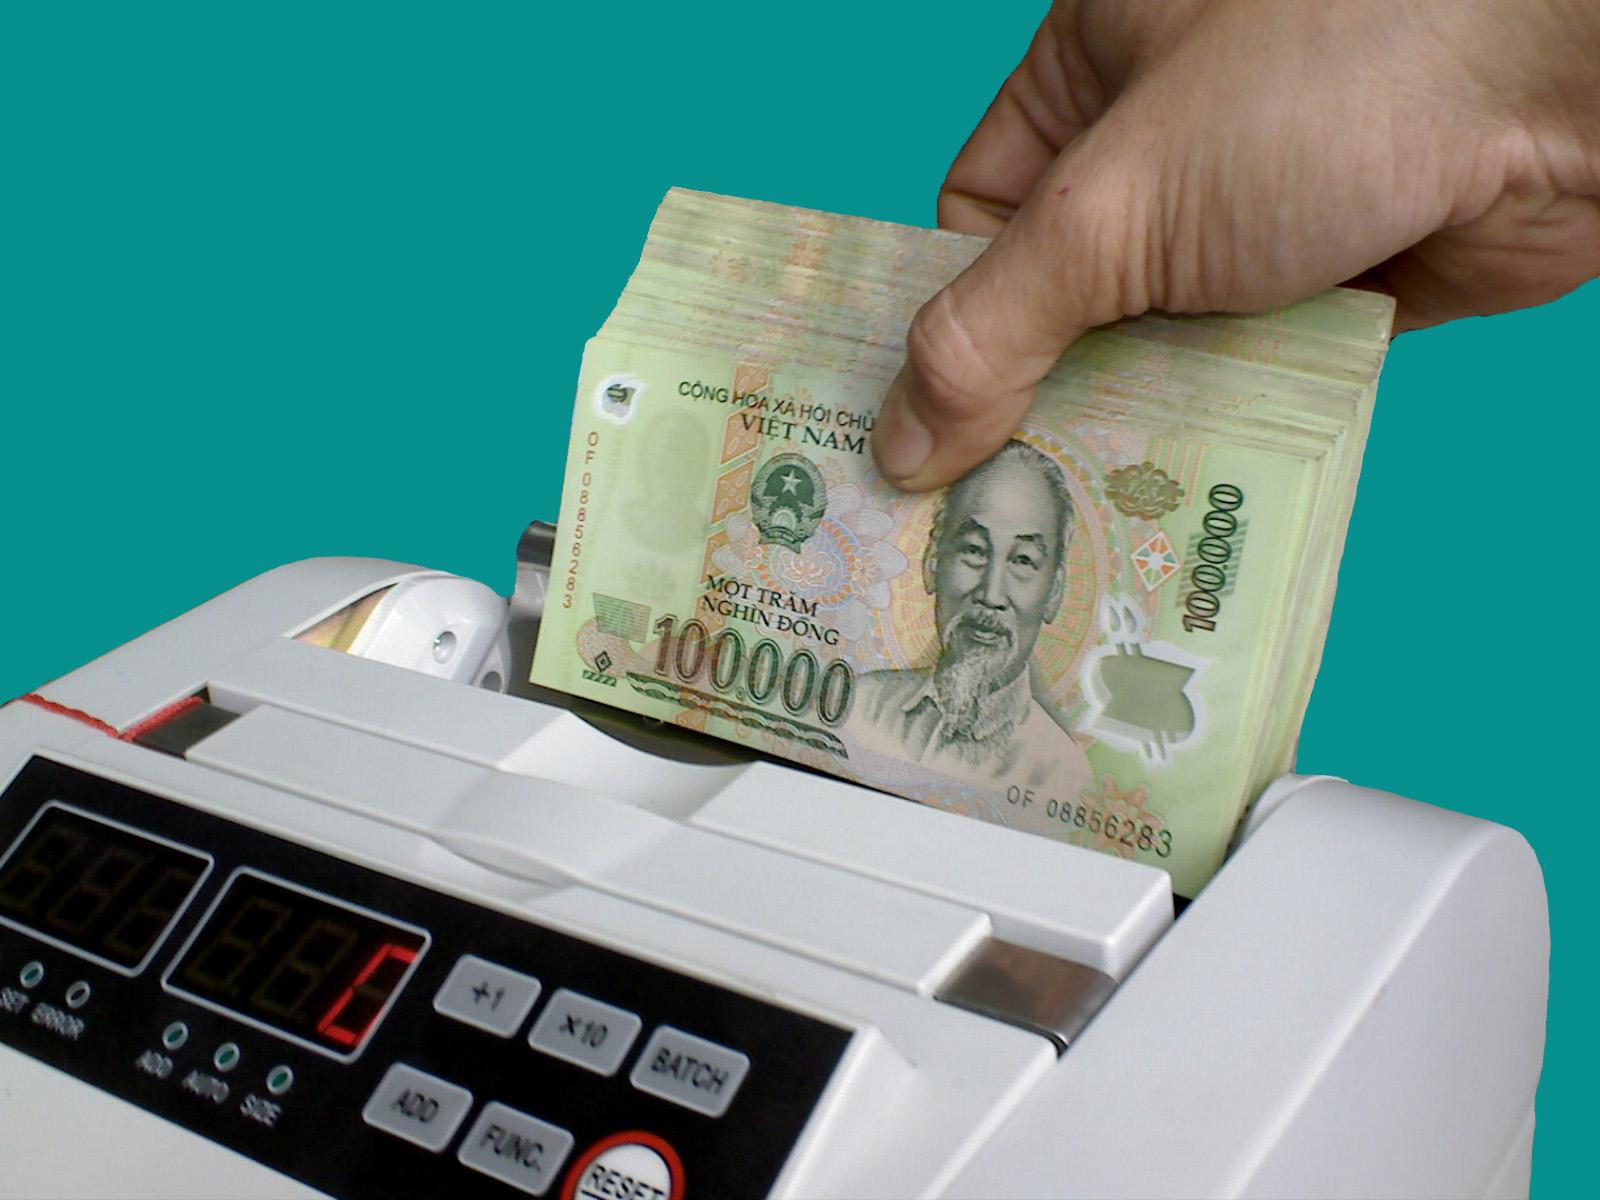 Nguyên lý hoạt động của máy đếm tiền hà nội counter